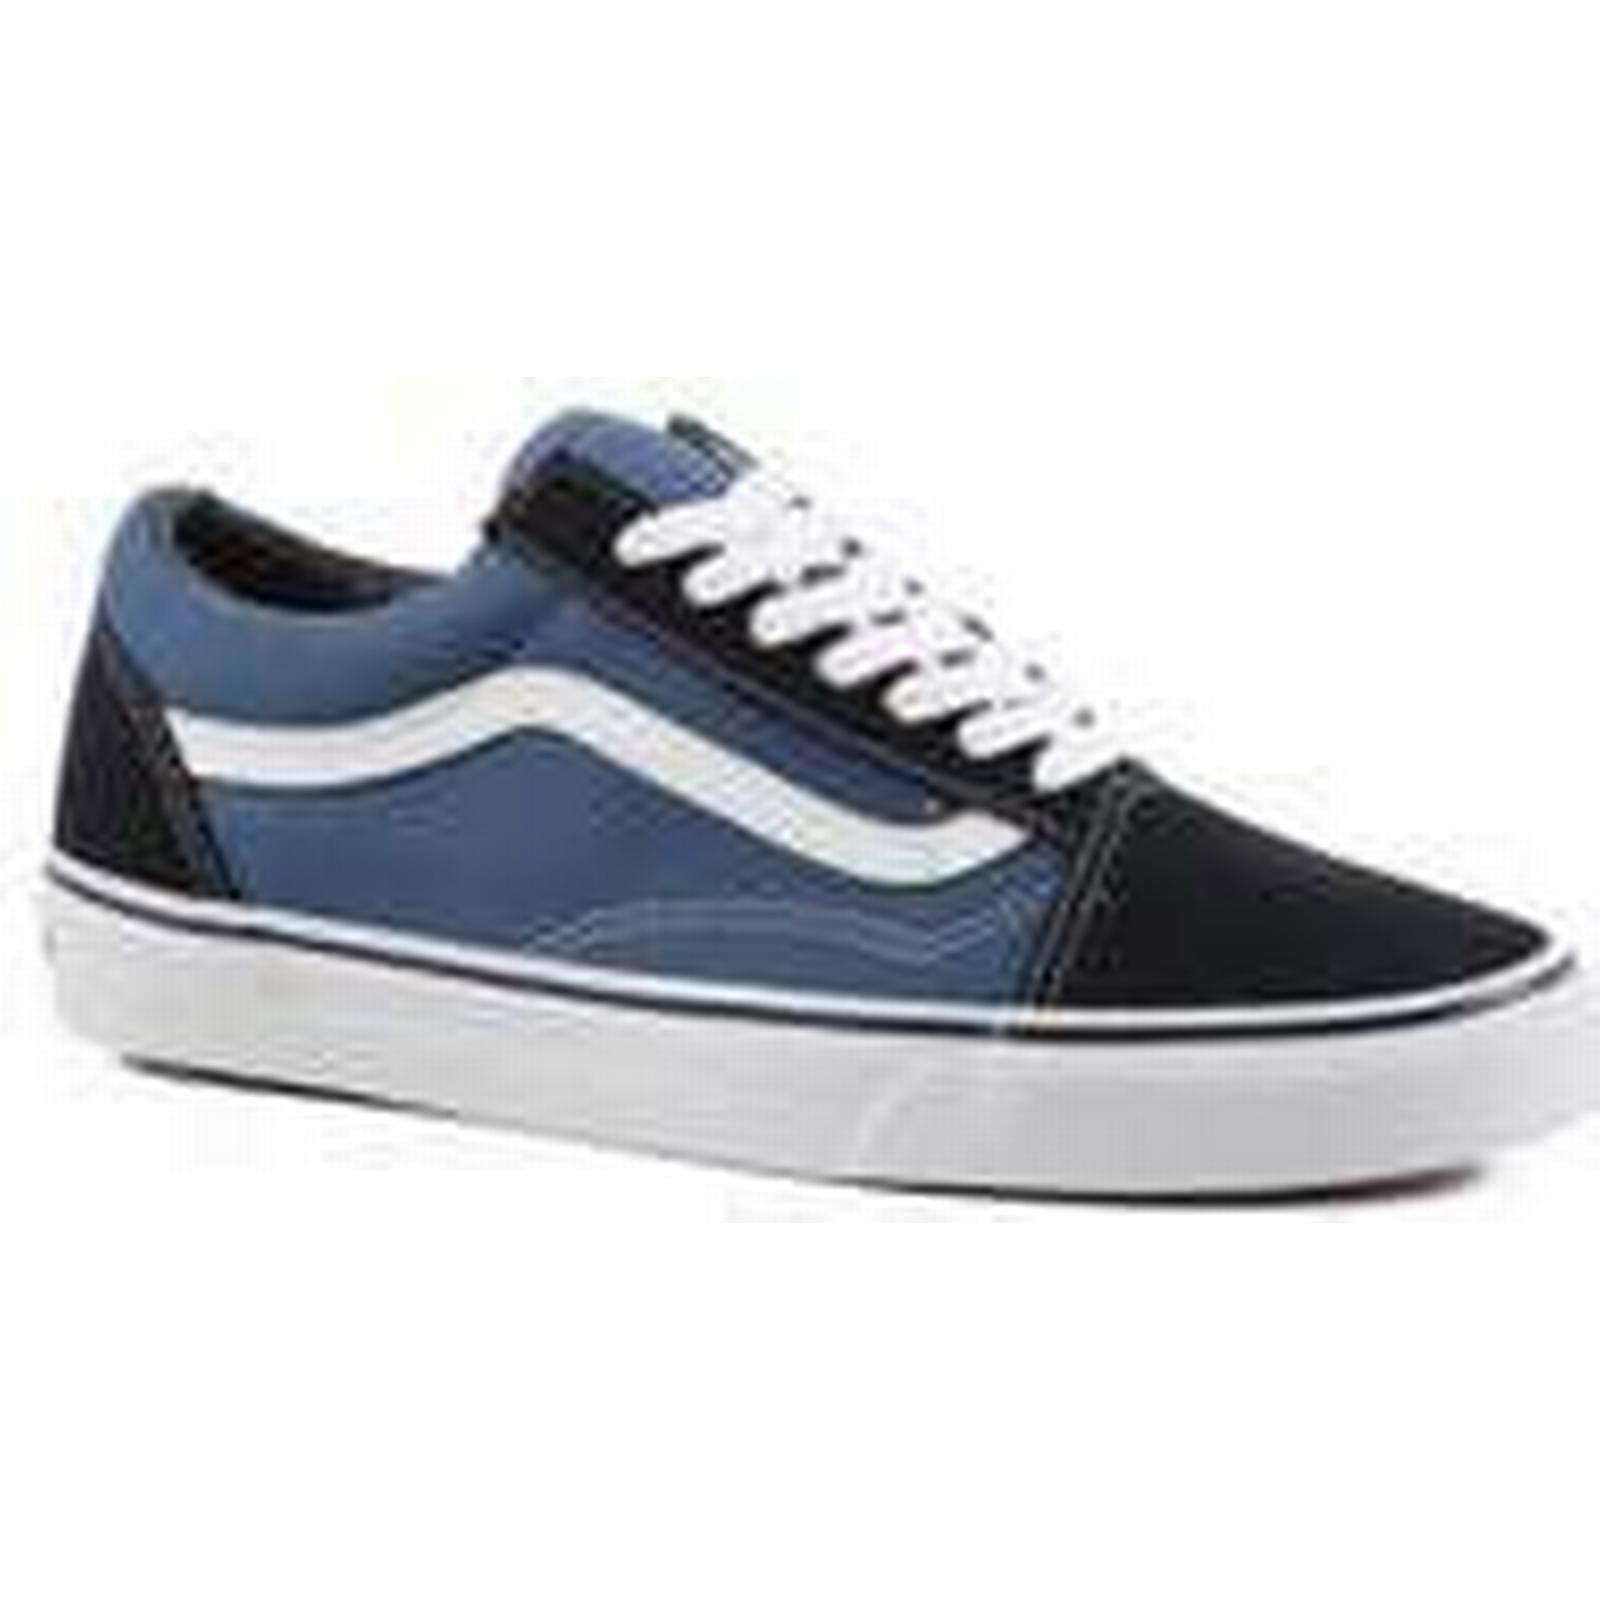 Vans Shoes Old Skool Skate Shoes Vans navy 0107a6